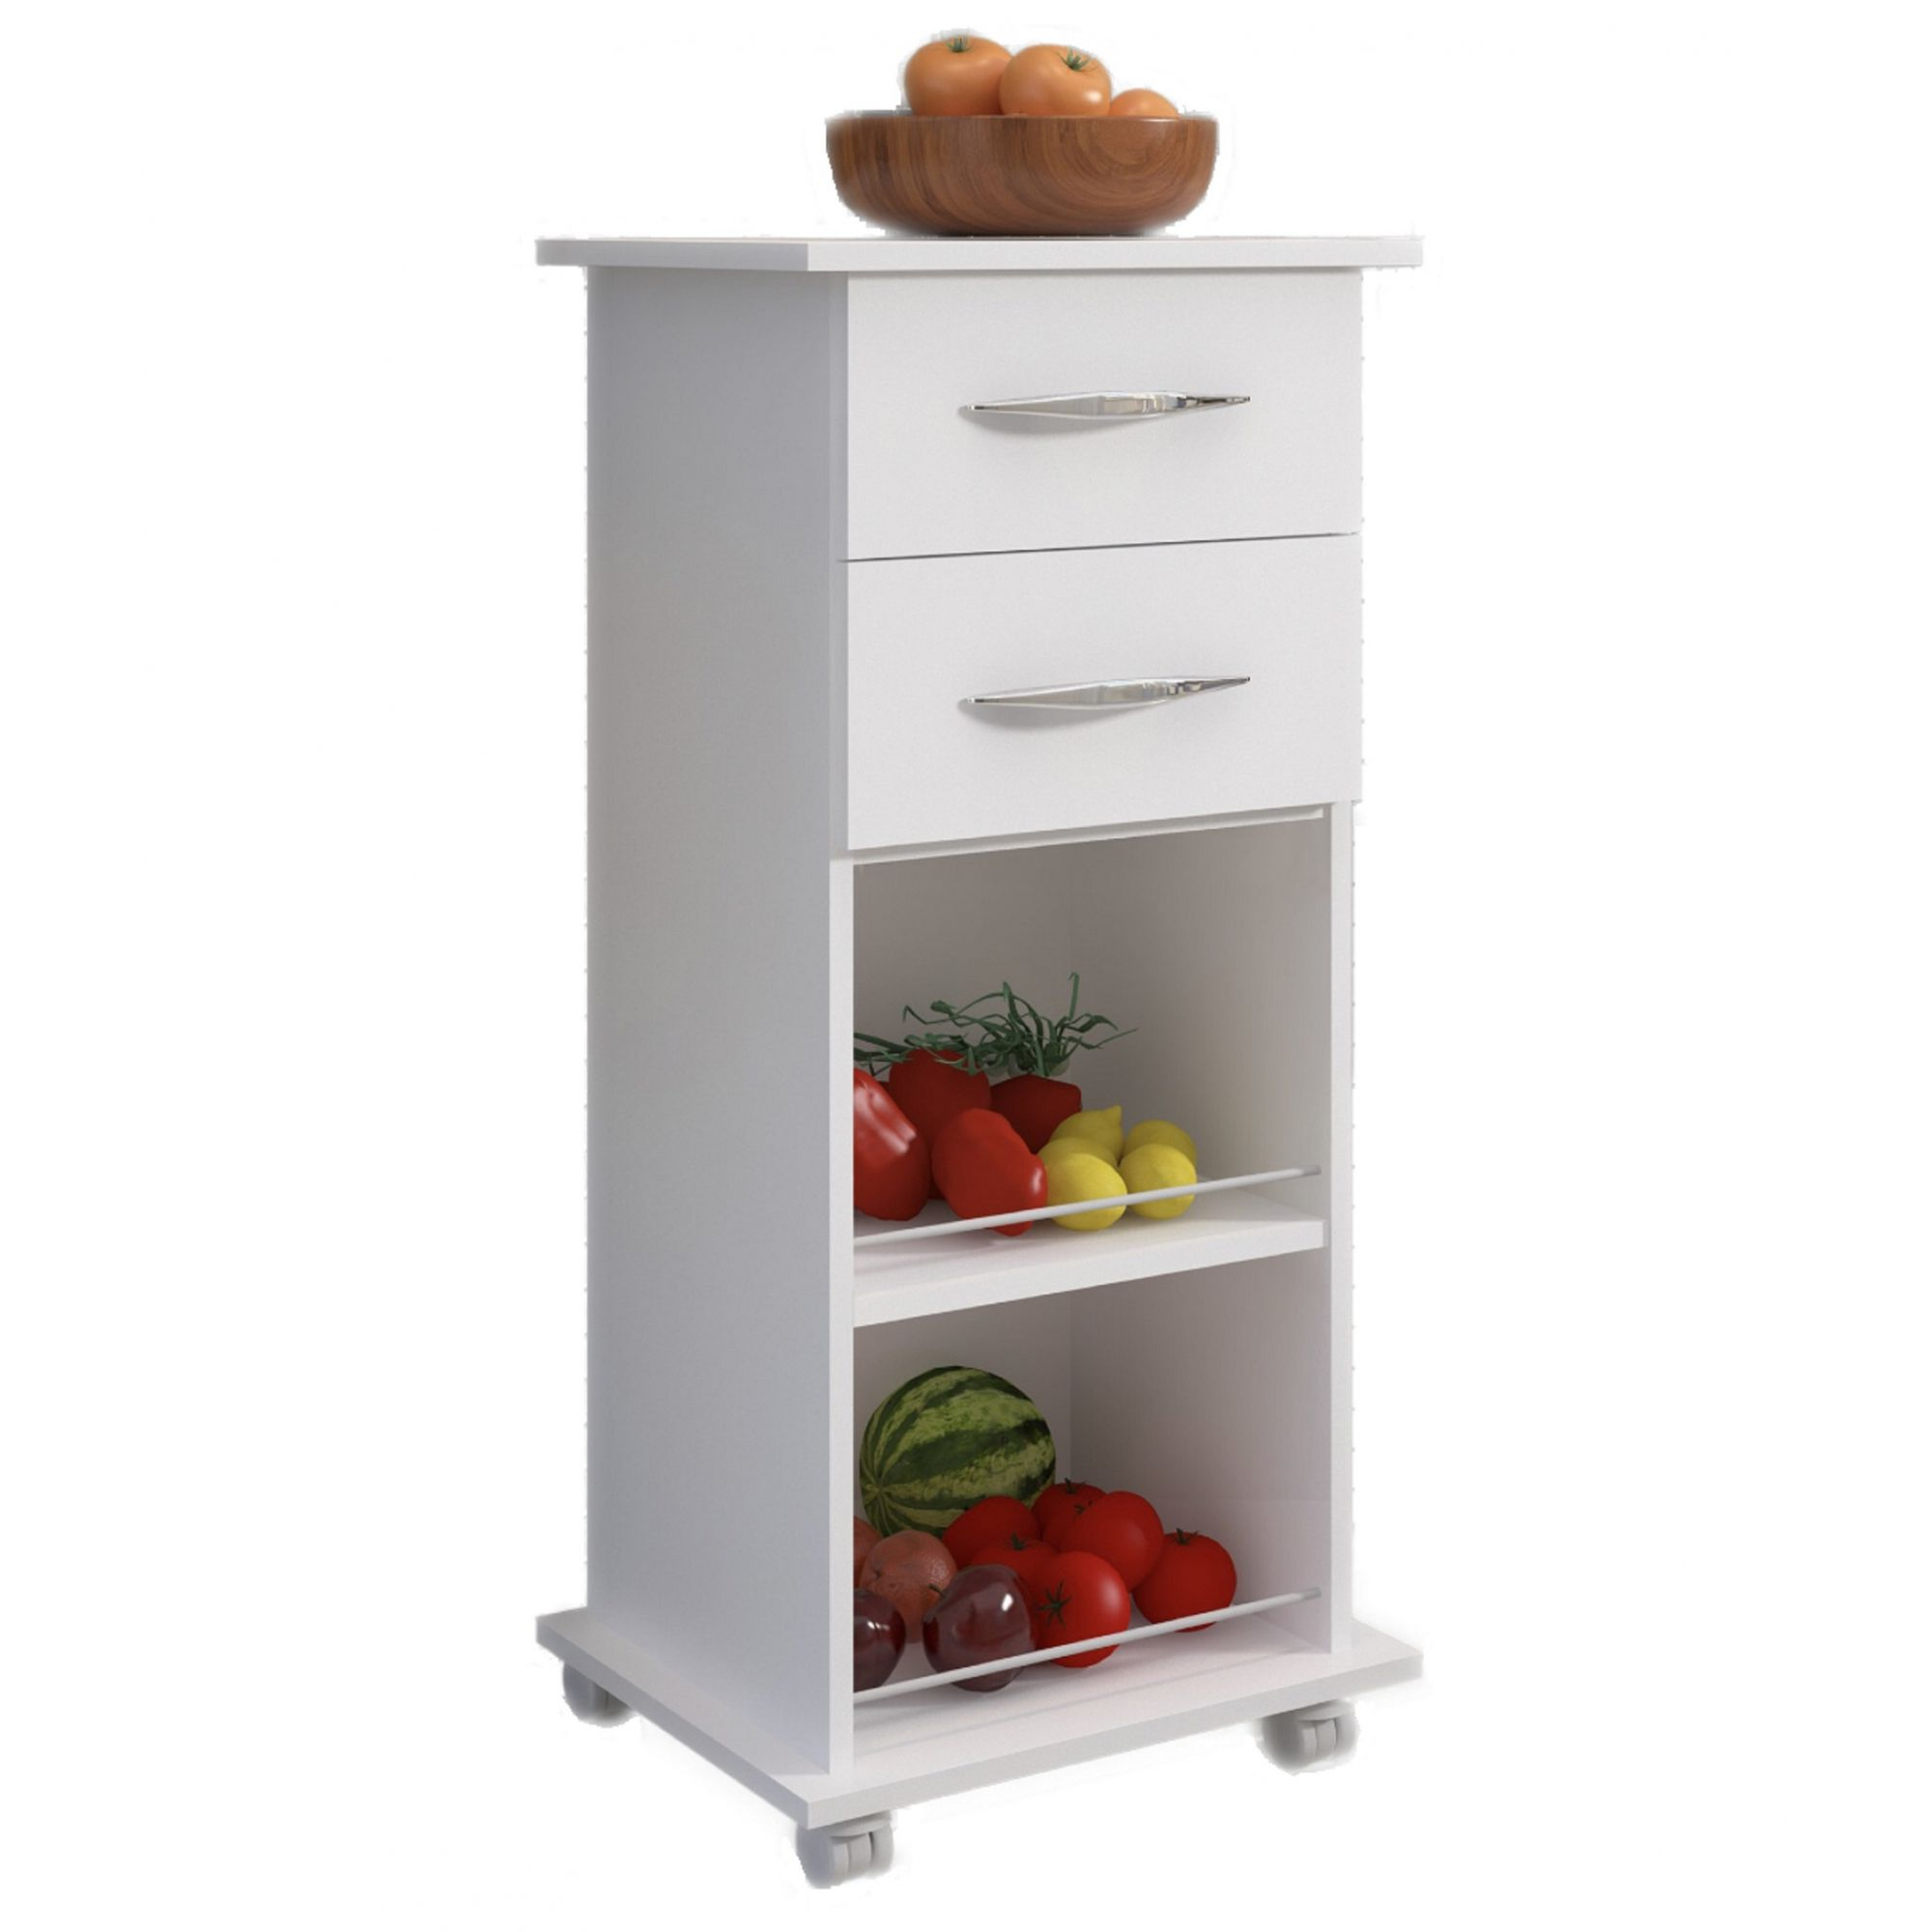 Fruteira c/ Rodinhas Cozinha Multiuso Base Armazenamento